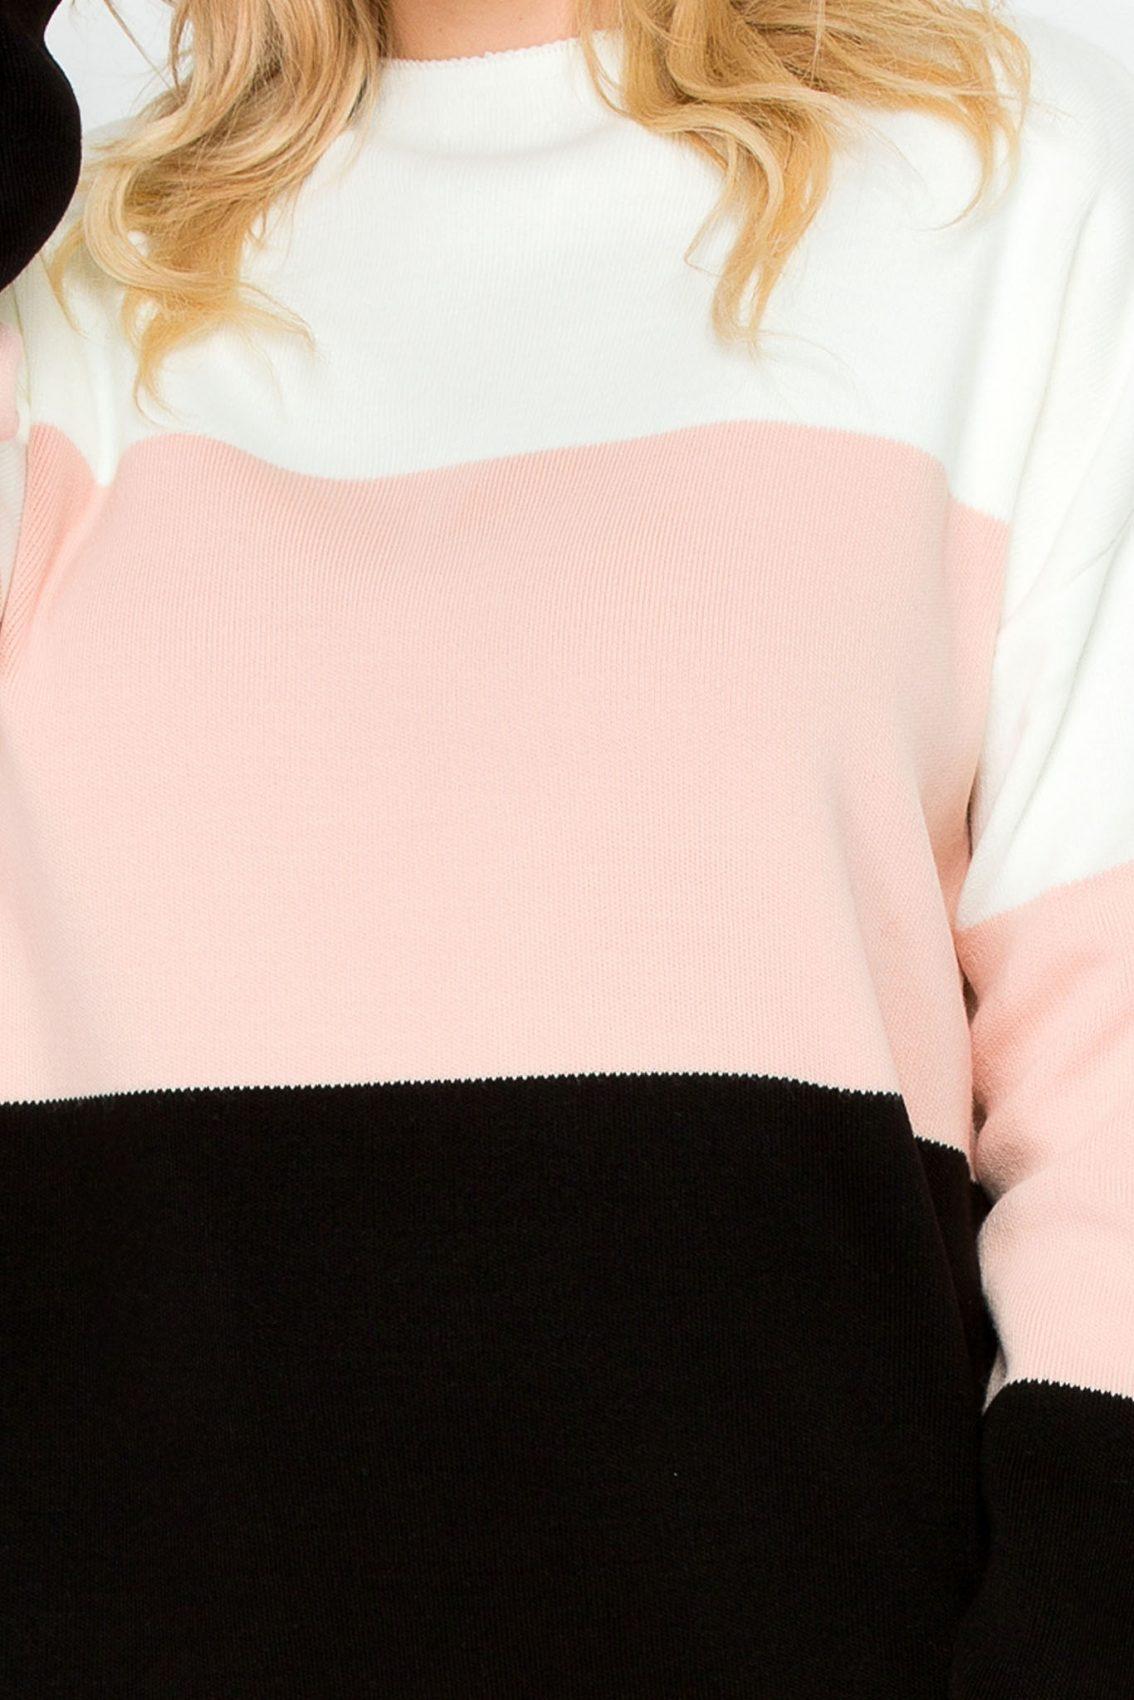 Ροζ Πλεκτό Σετ Nolita 9258 2